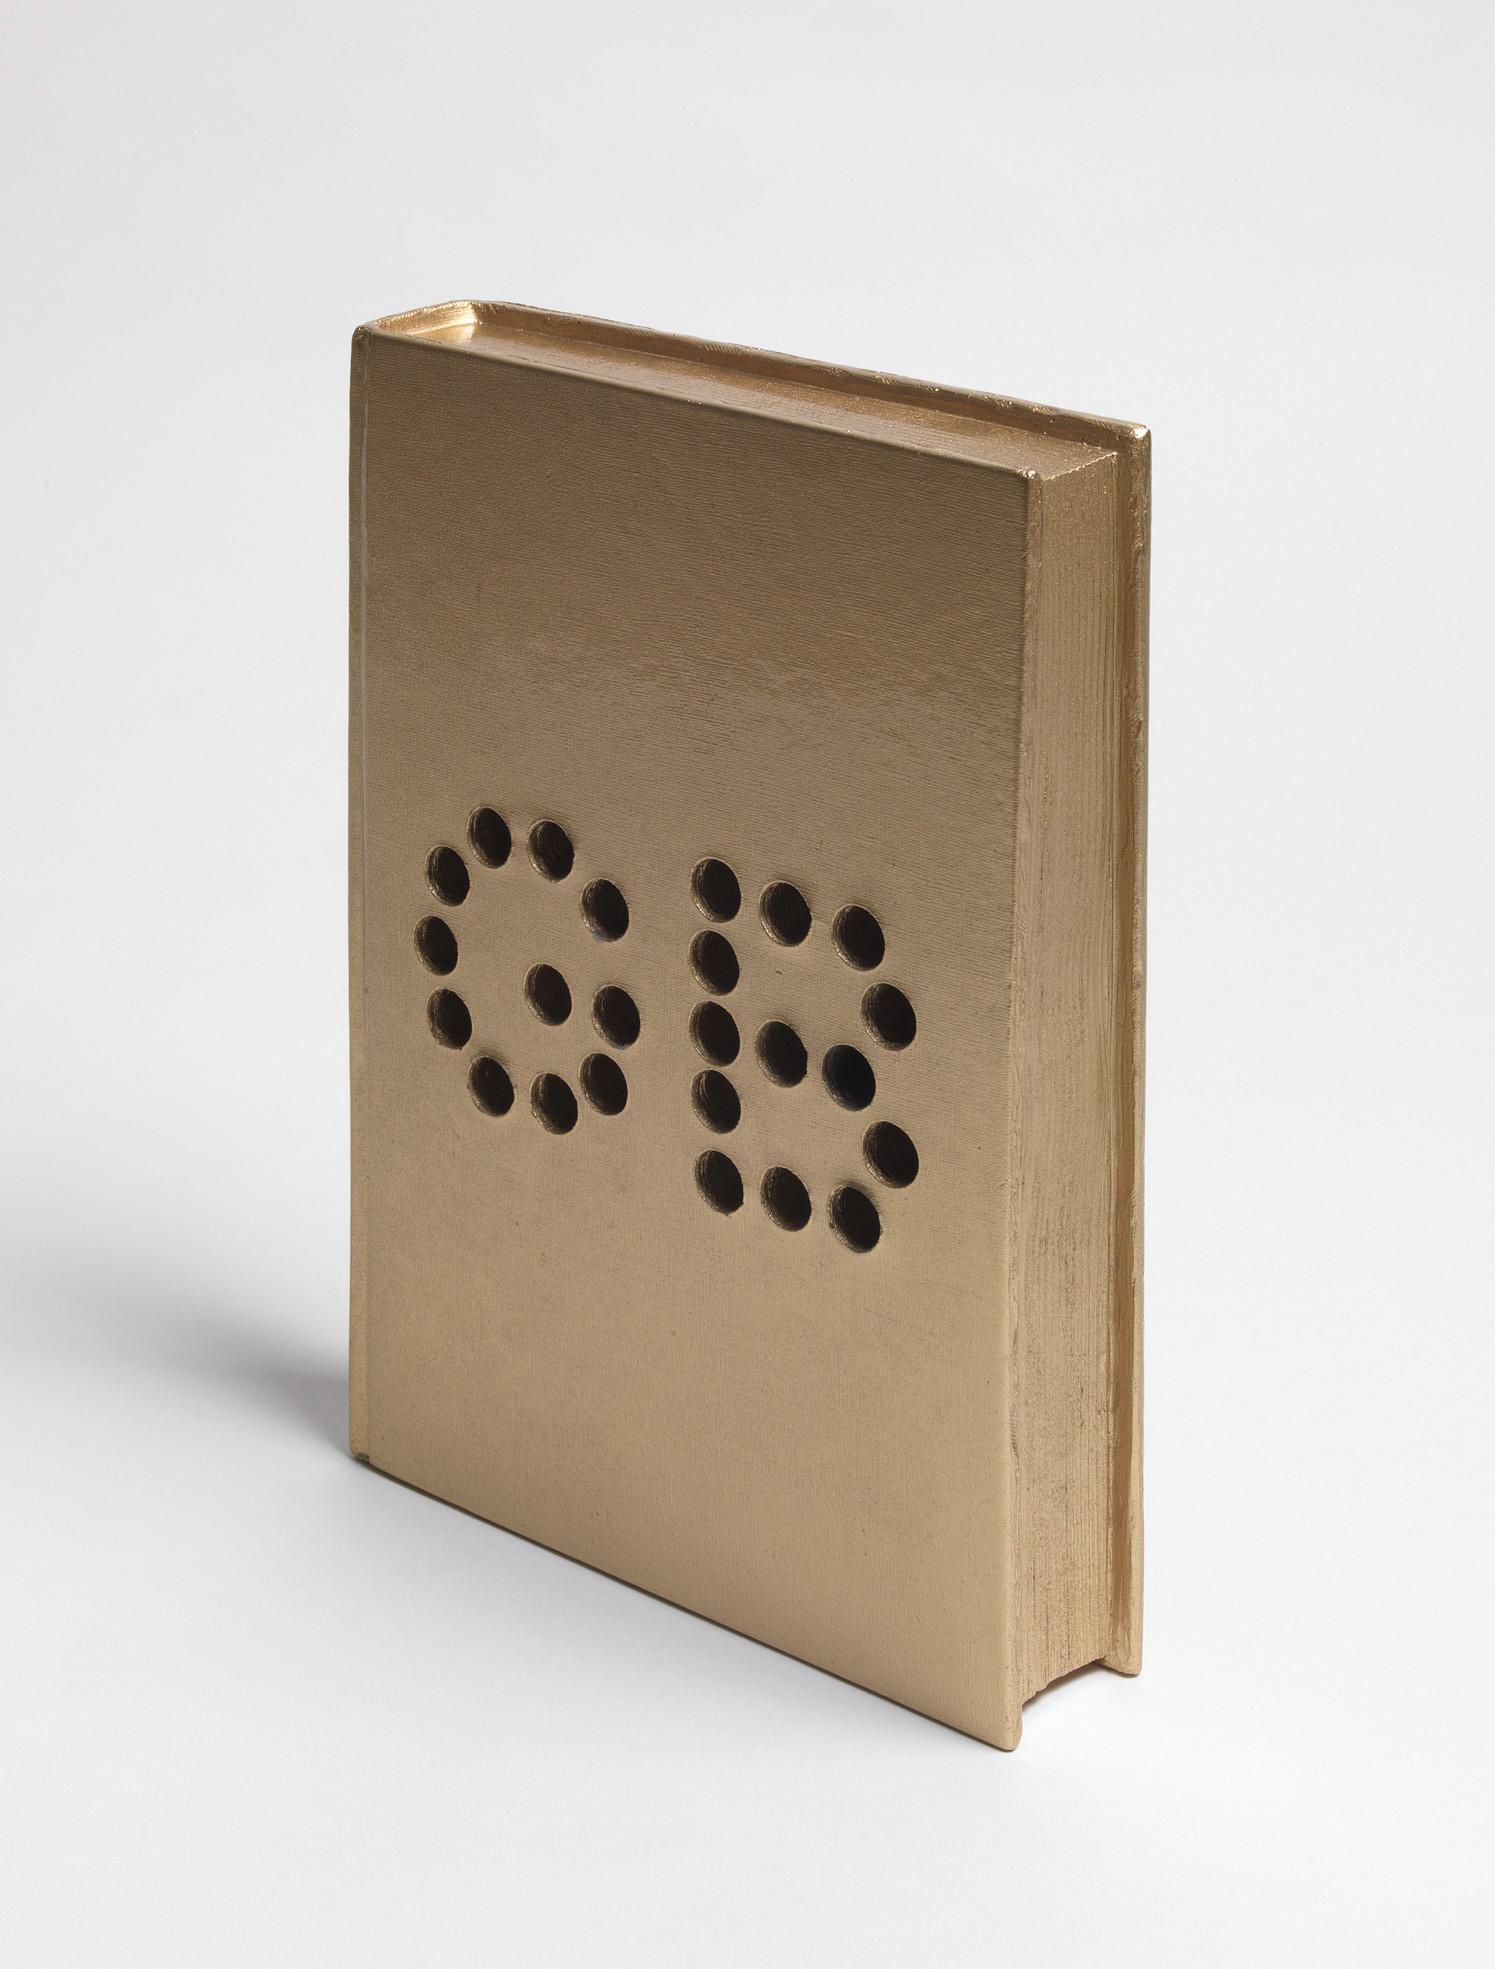 Michele Chiossi Golden Book, 2010  resina e caolino, car paint  oro libro diario sogni aurei segreti ambizioni scultura